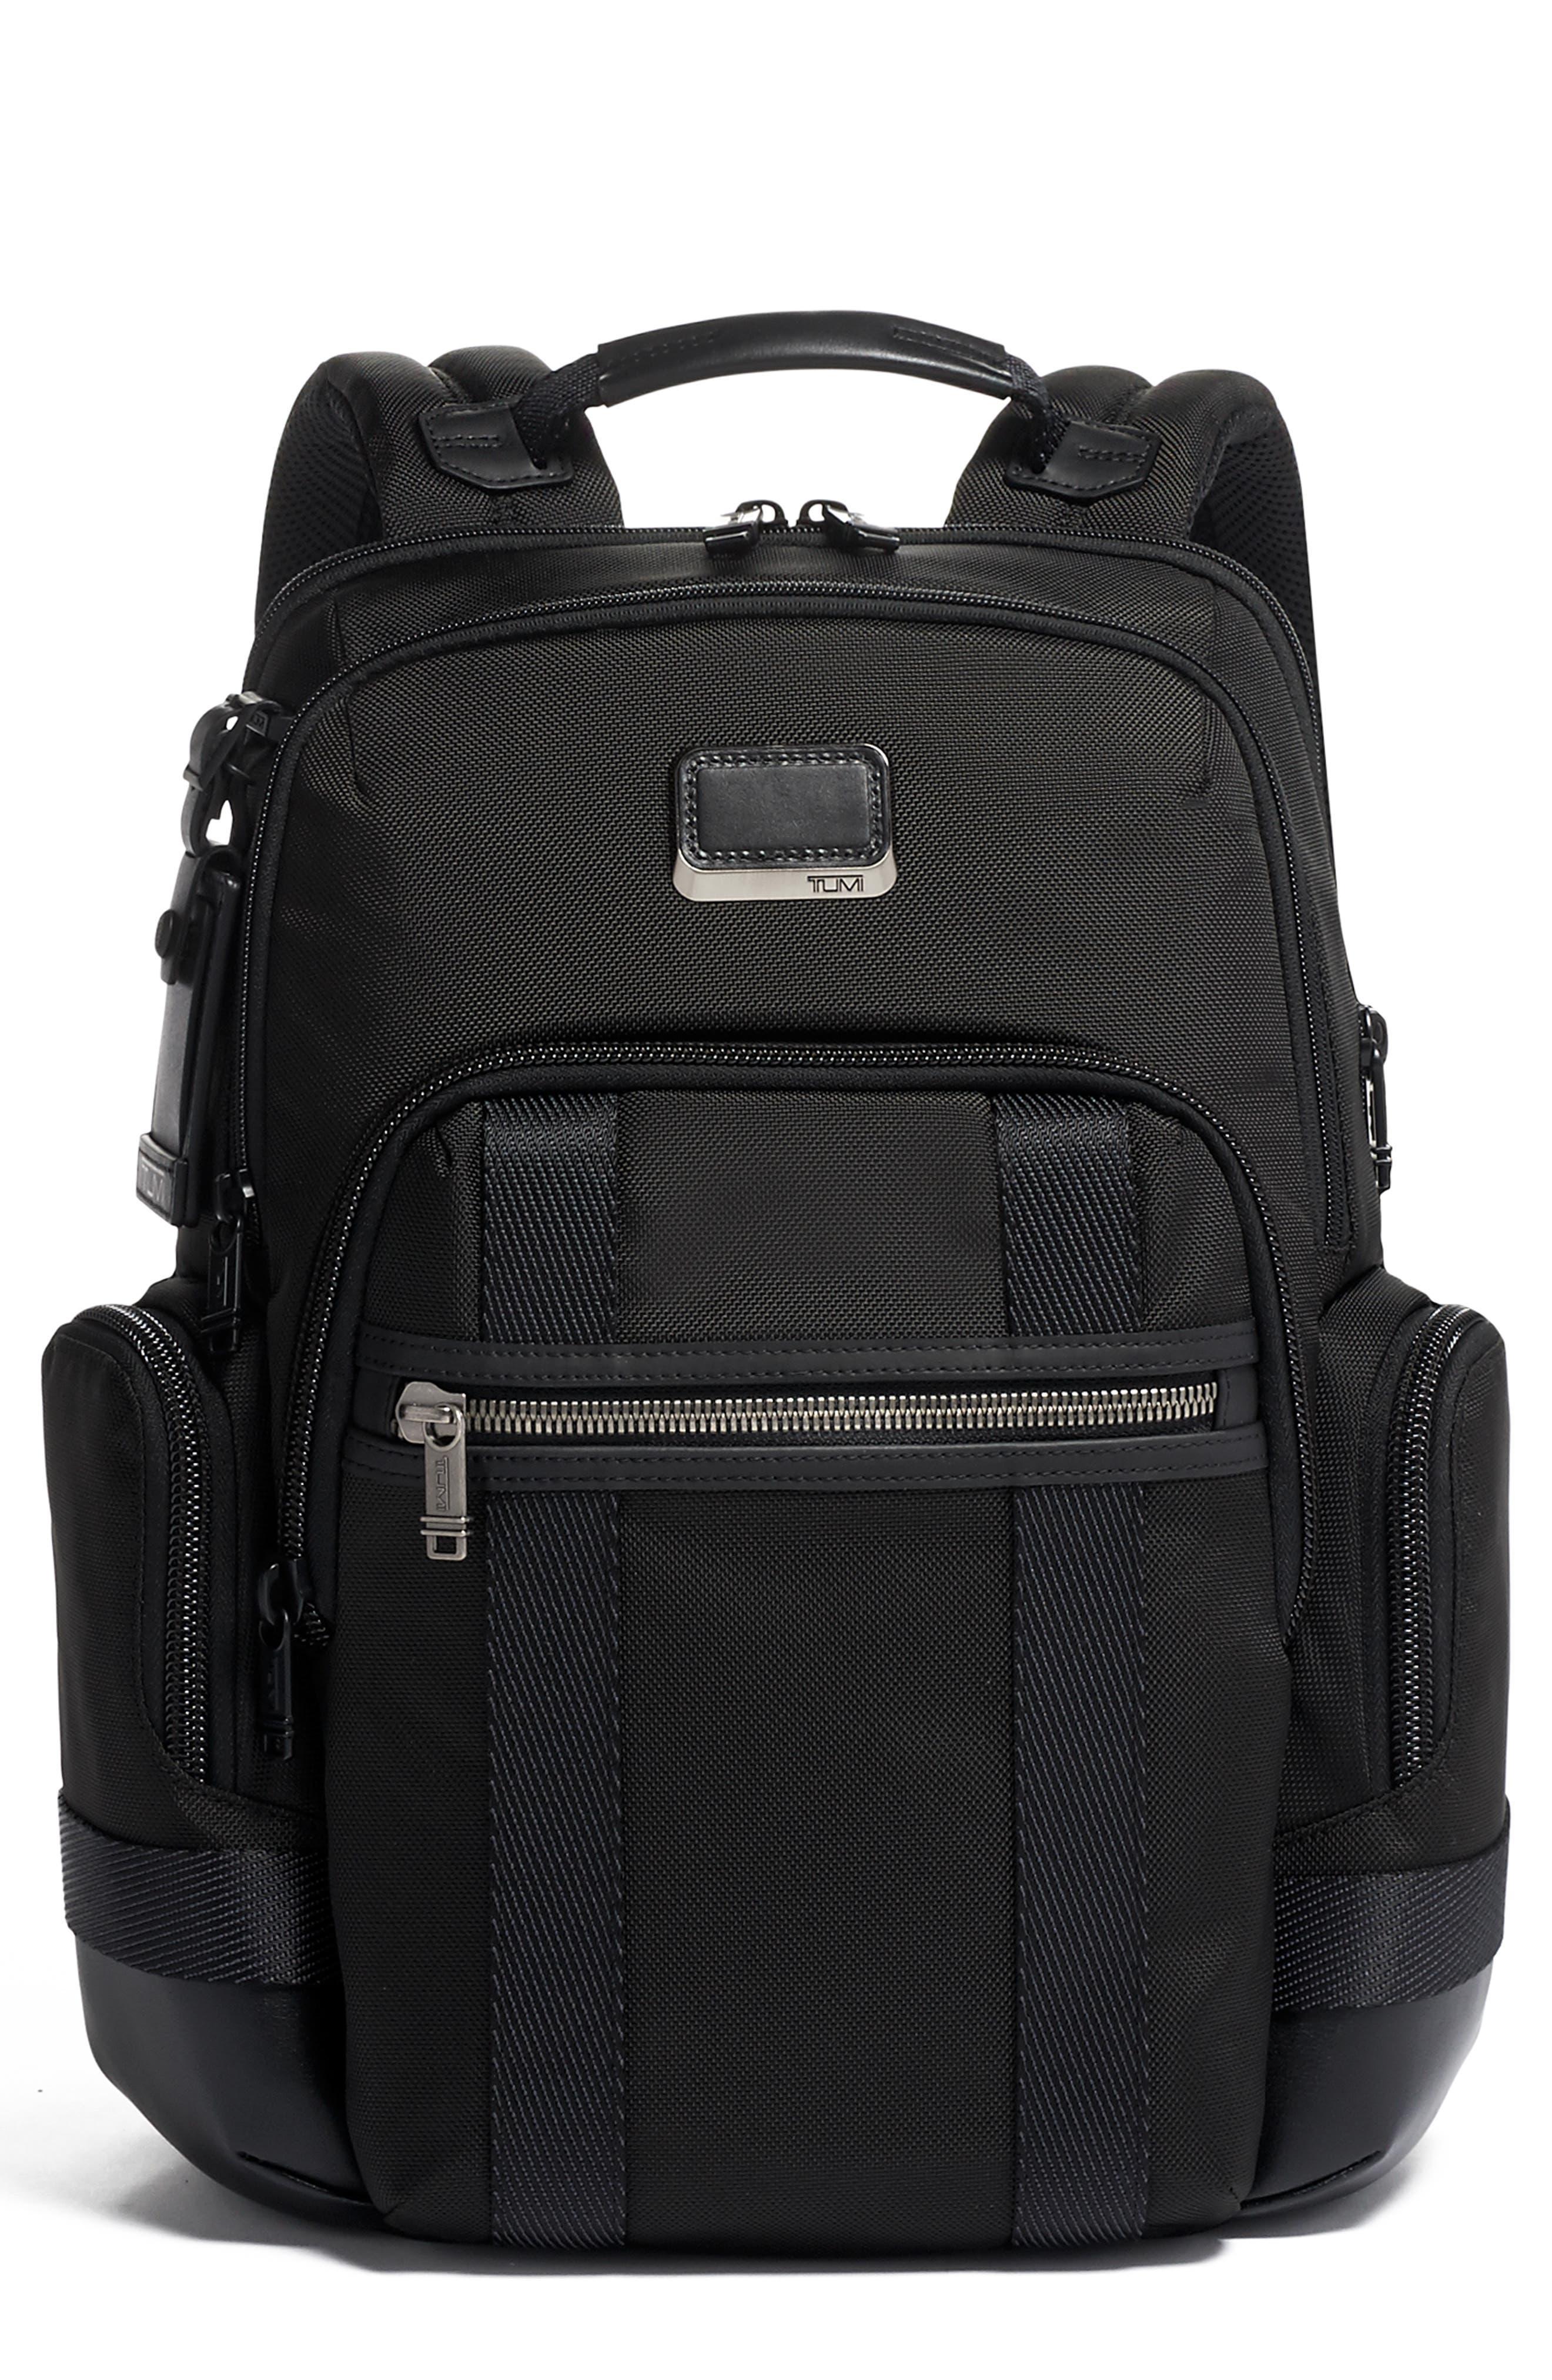 Tumi Alpha Bravo Nathan Black Expandable Backpack - Black